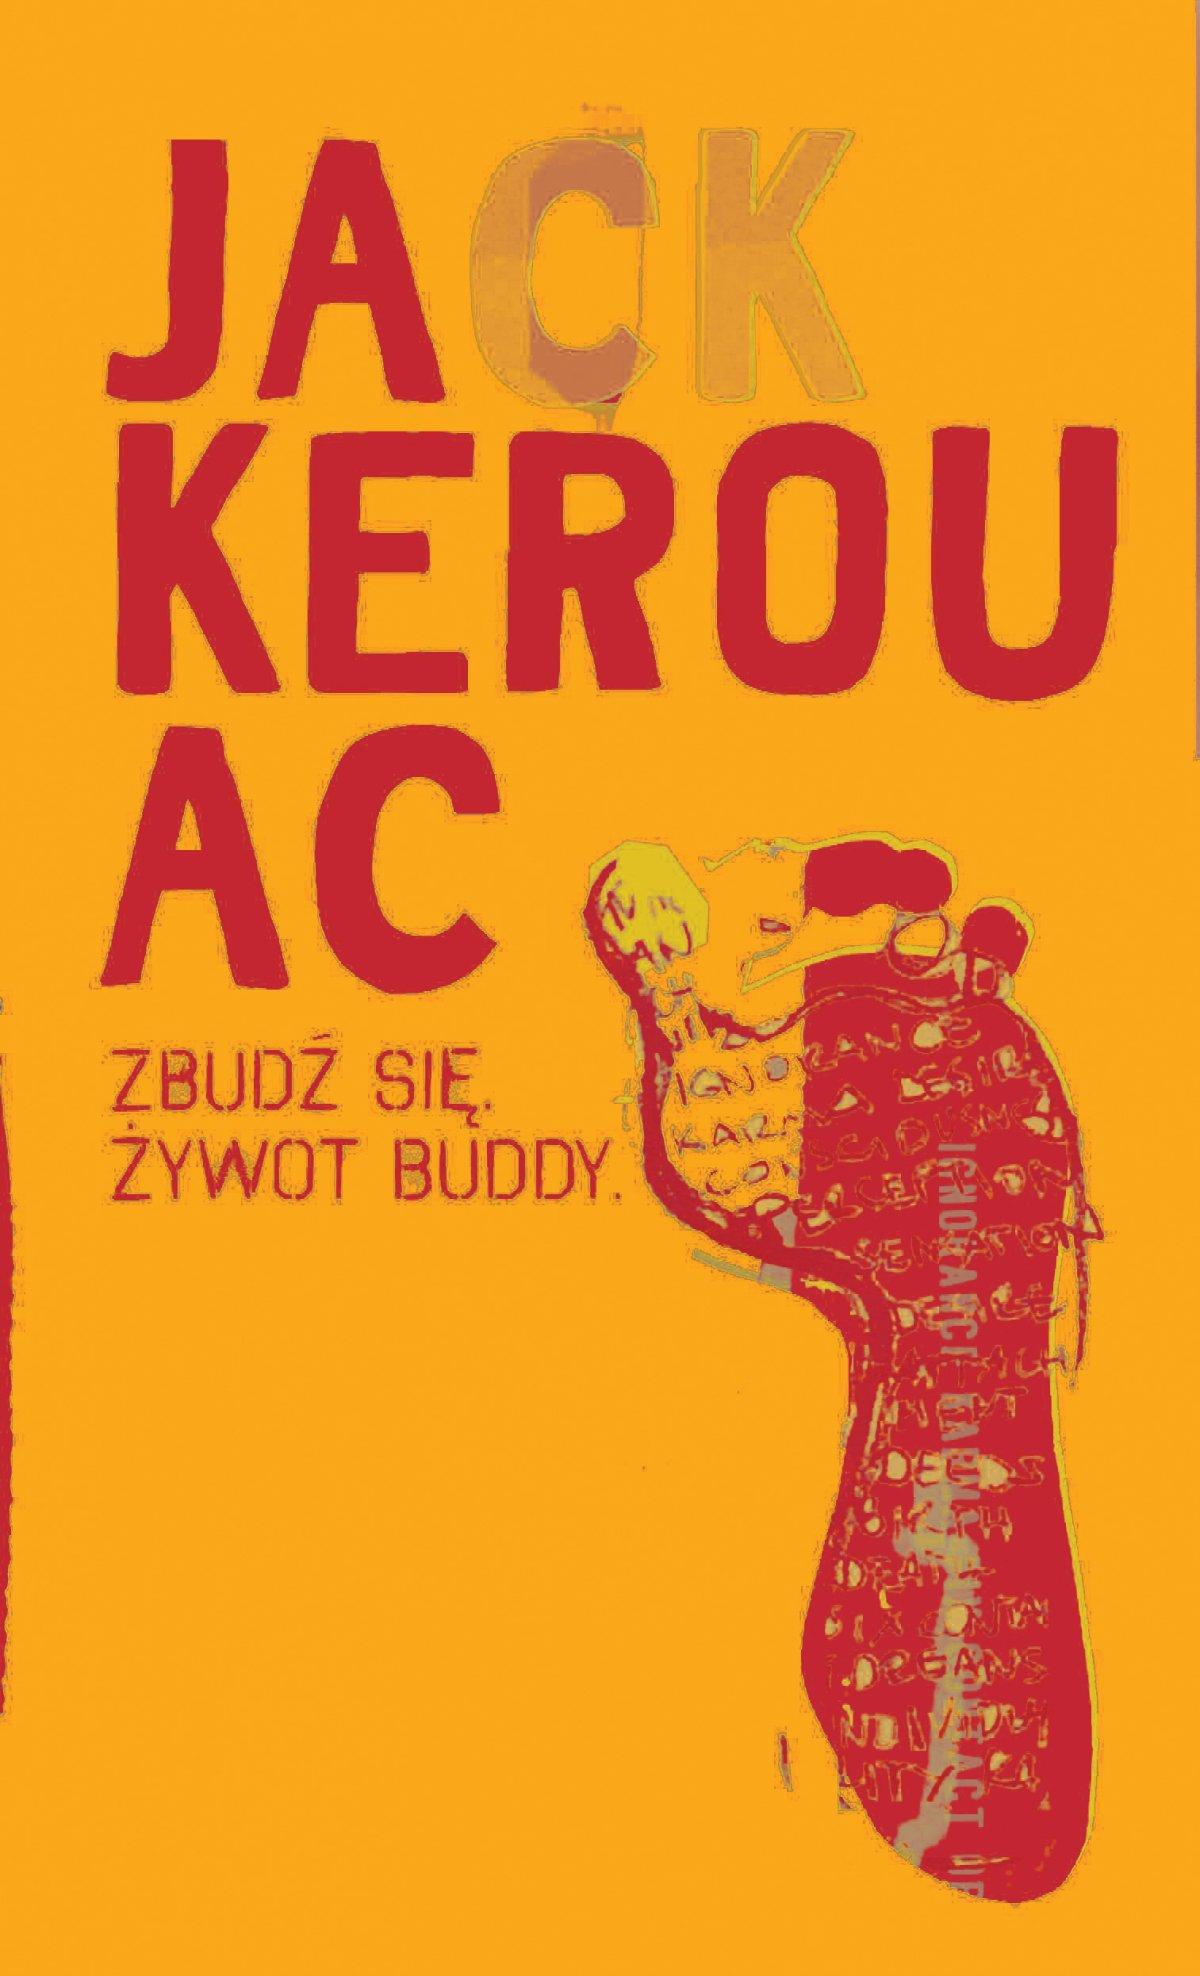 Zbudź się. Żywot Buddy - Jack Kerouac